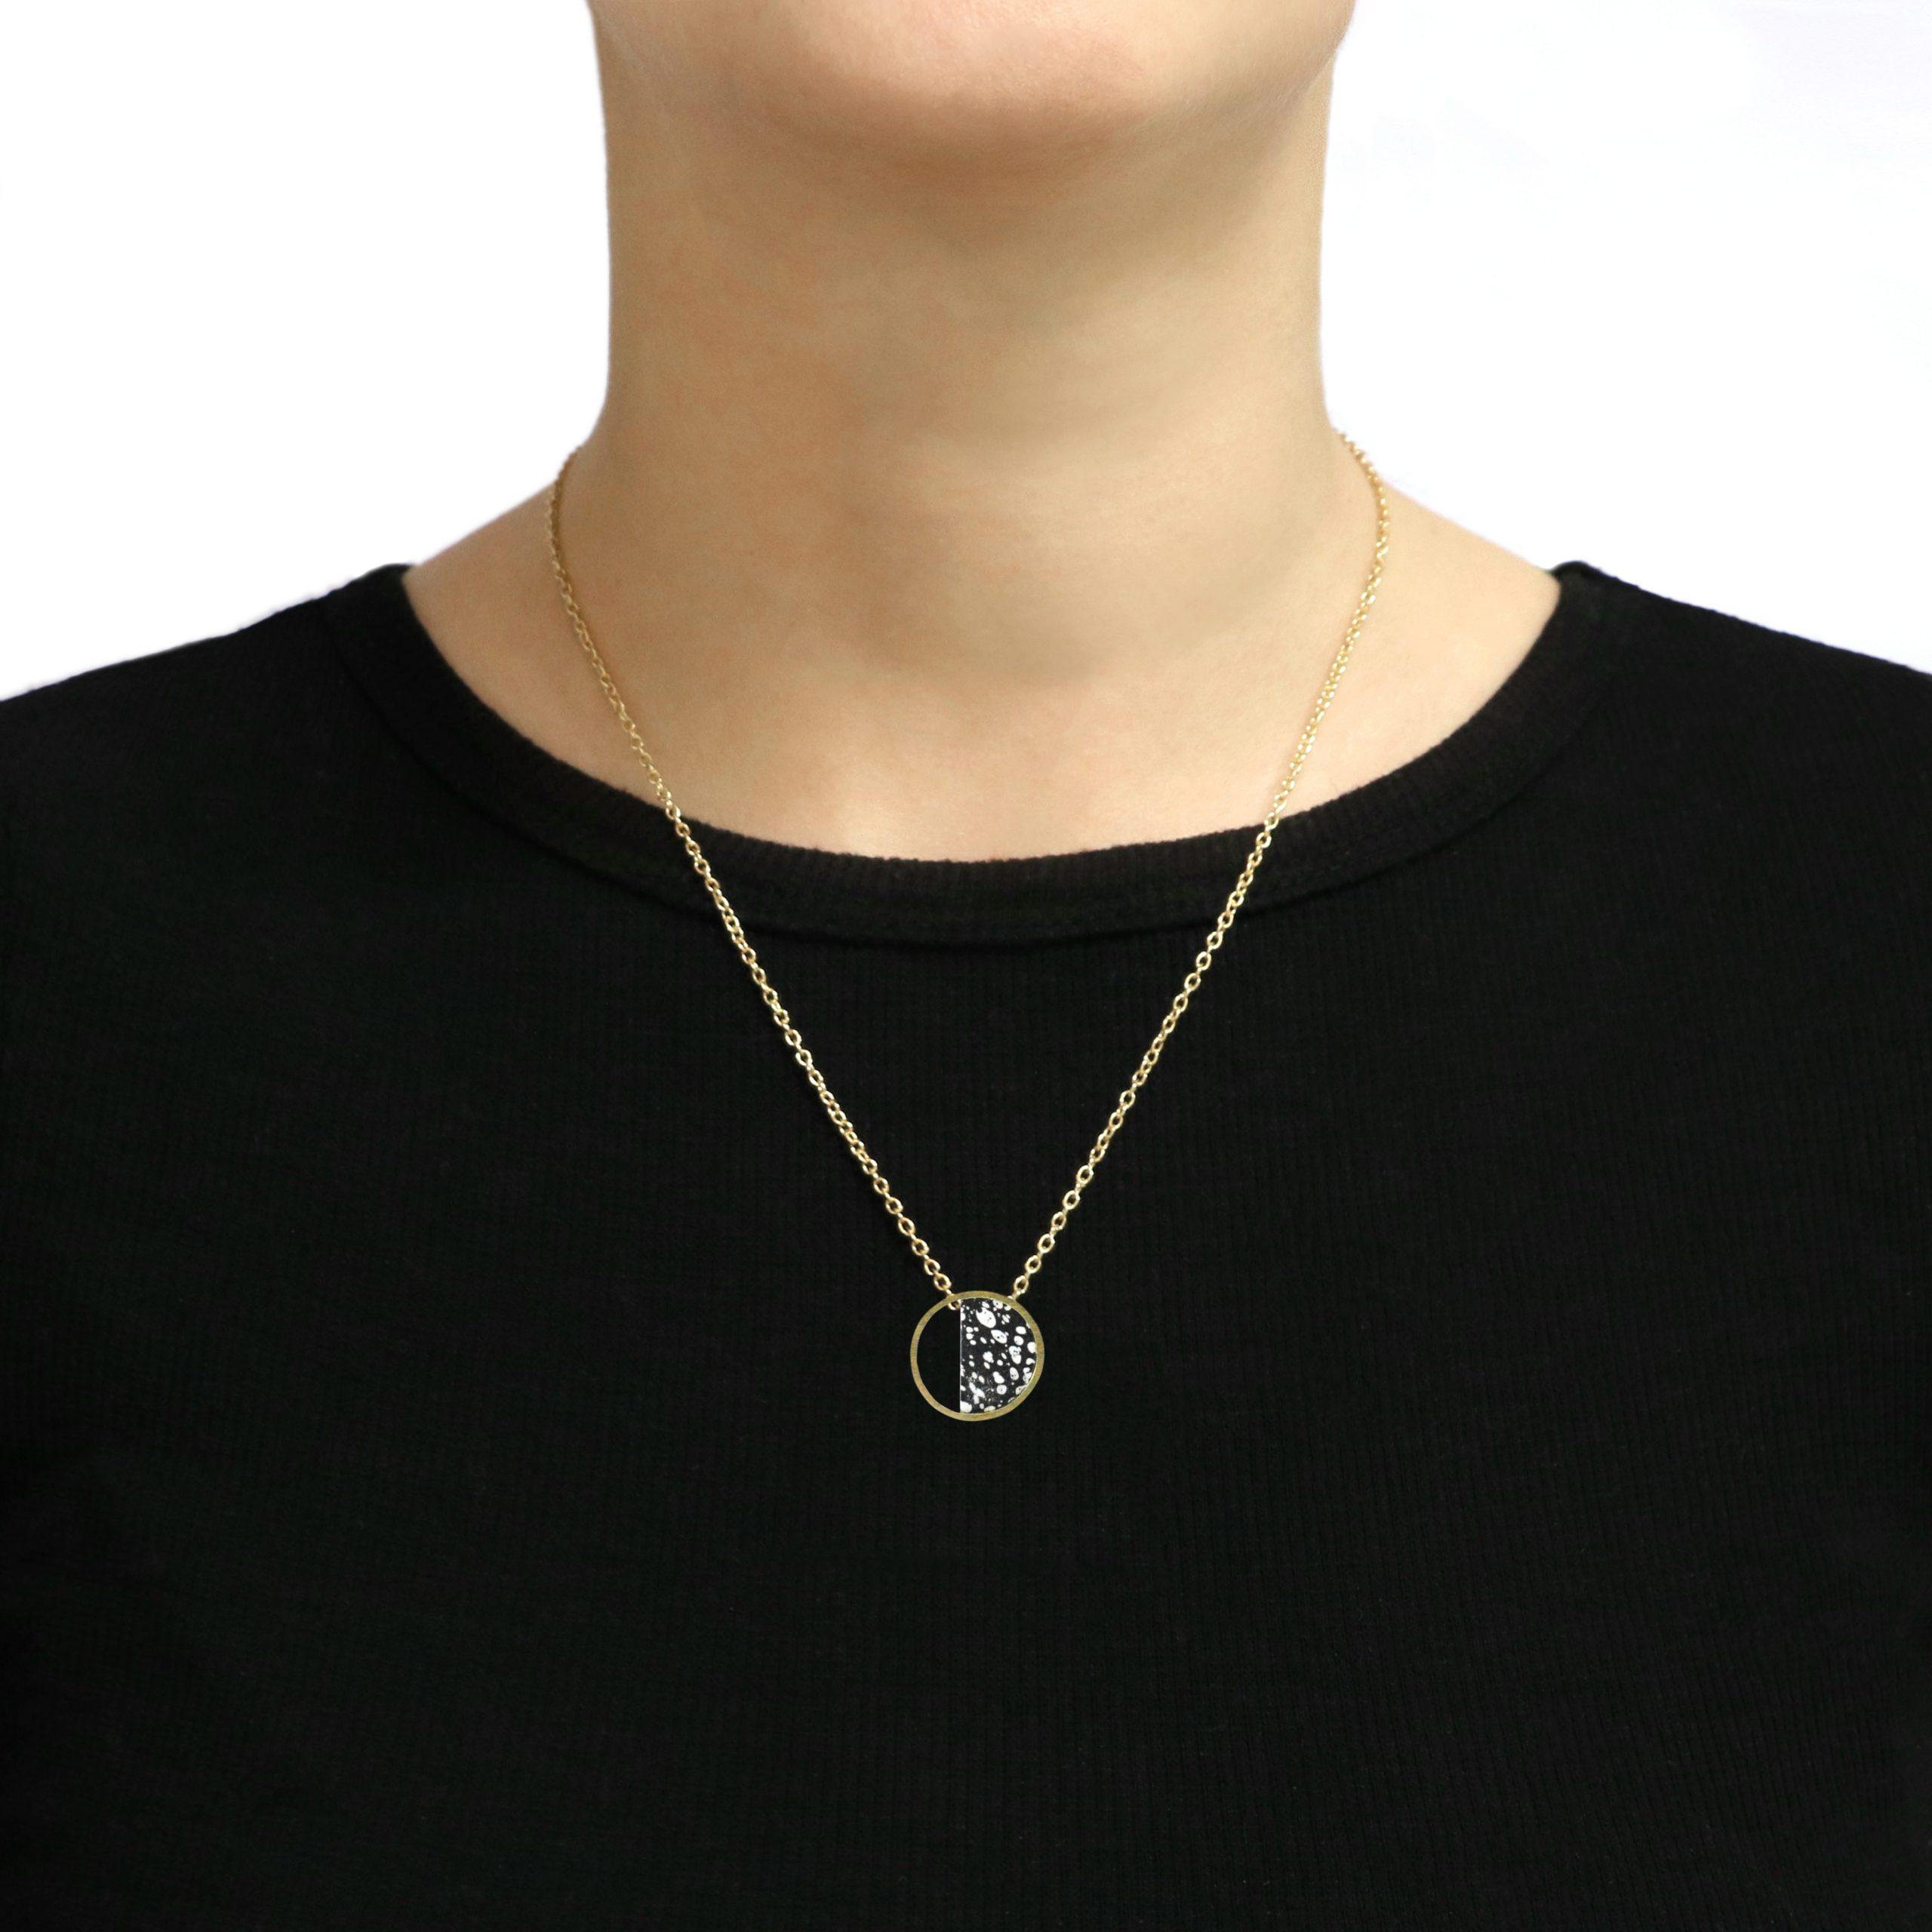 Stratos Necklace Black Model copia